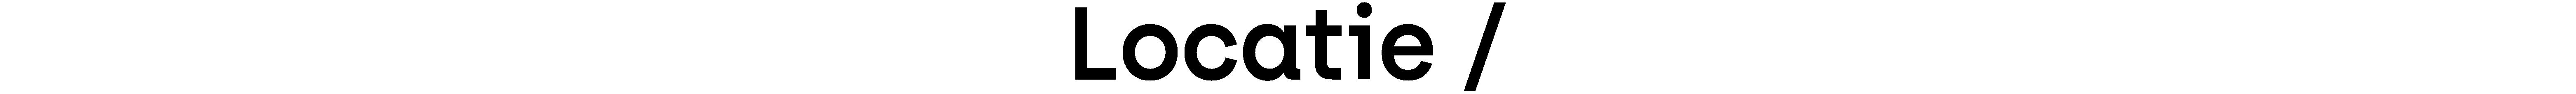 8d4a3b40-1abf-11eb-8b60-a1a90bb503d3.png